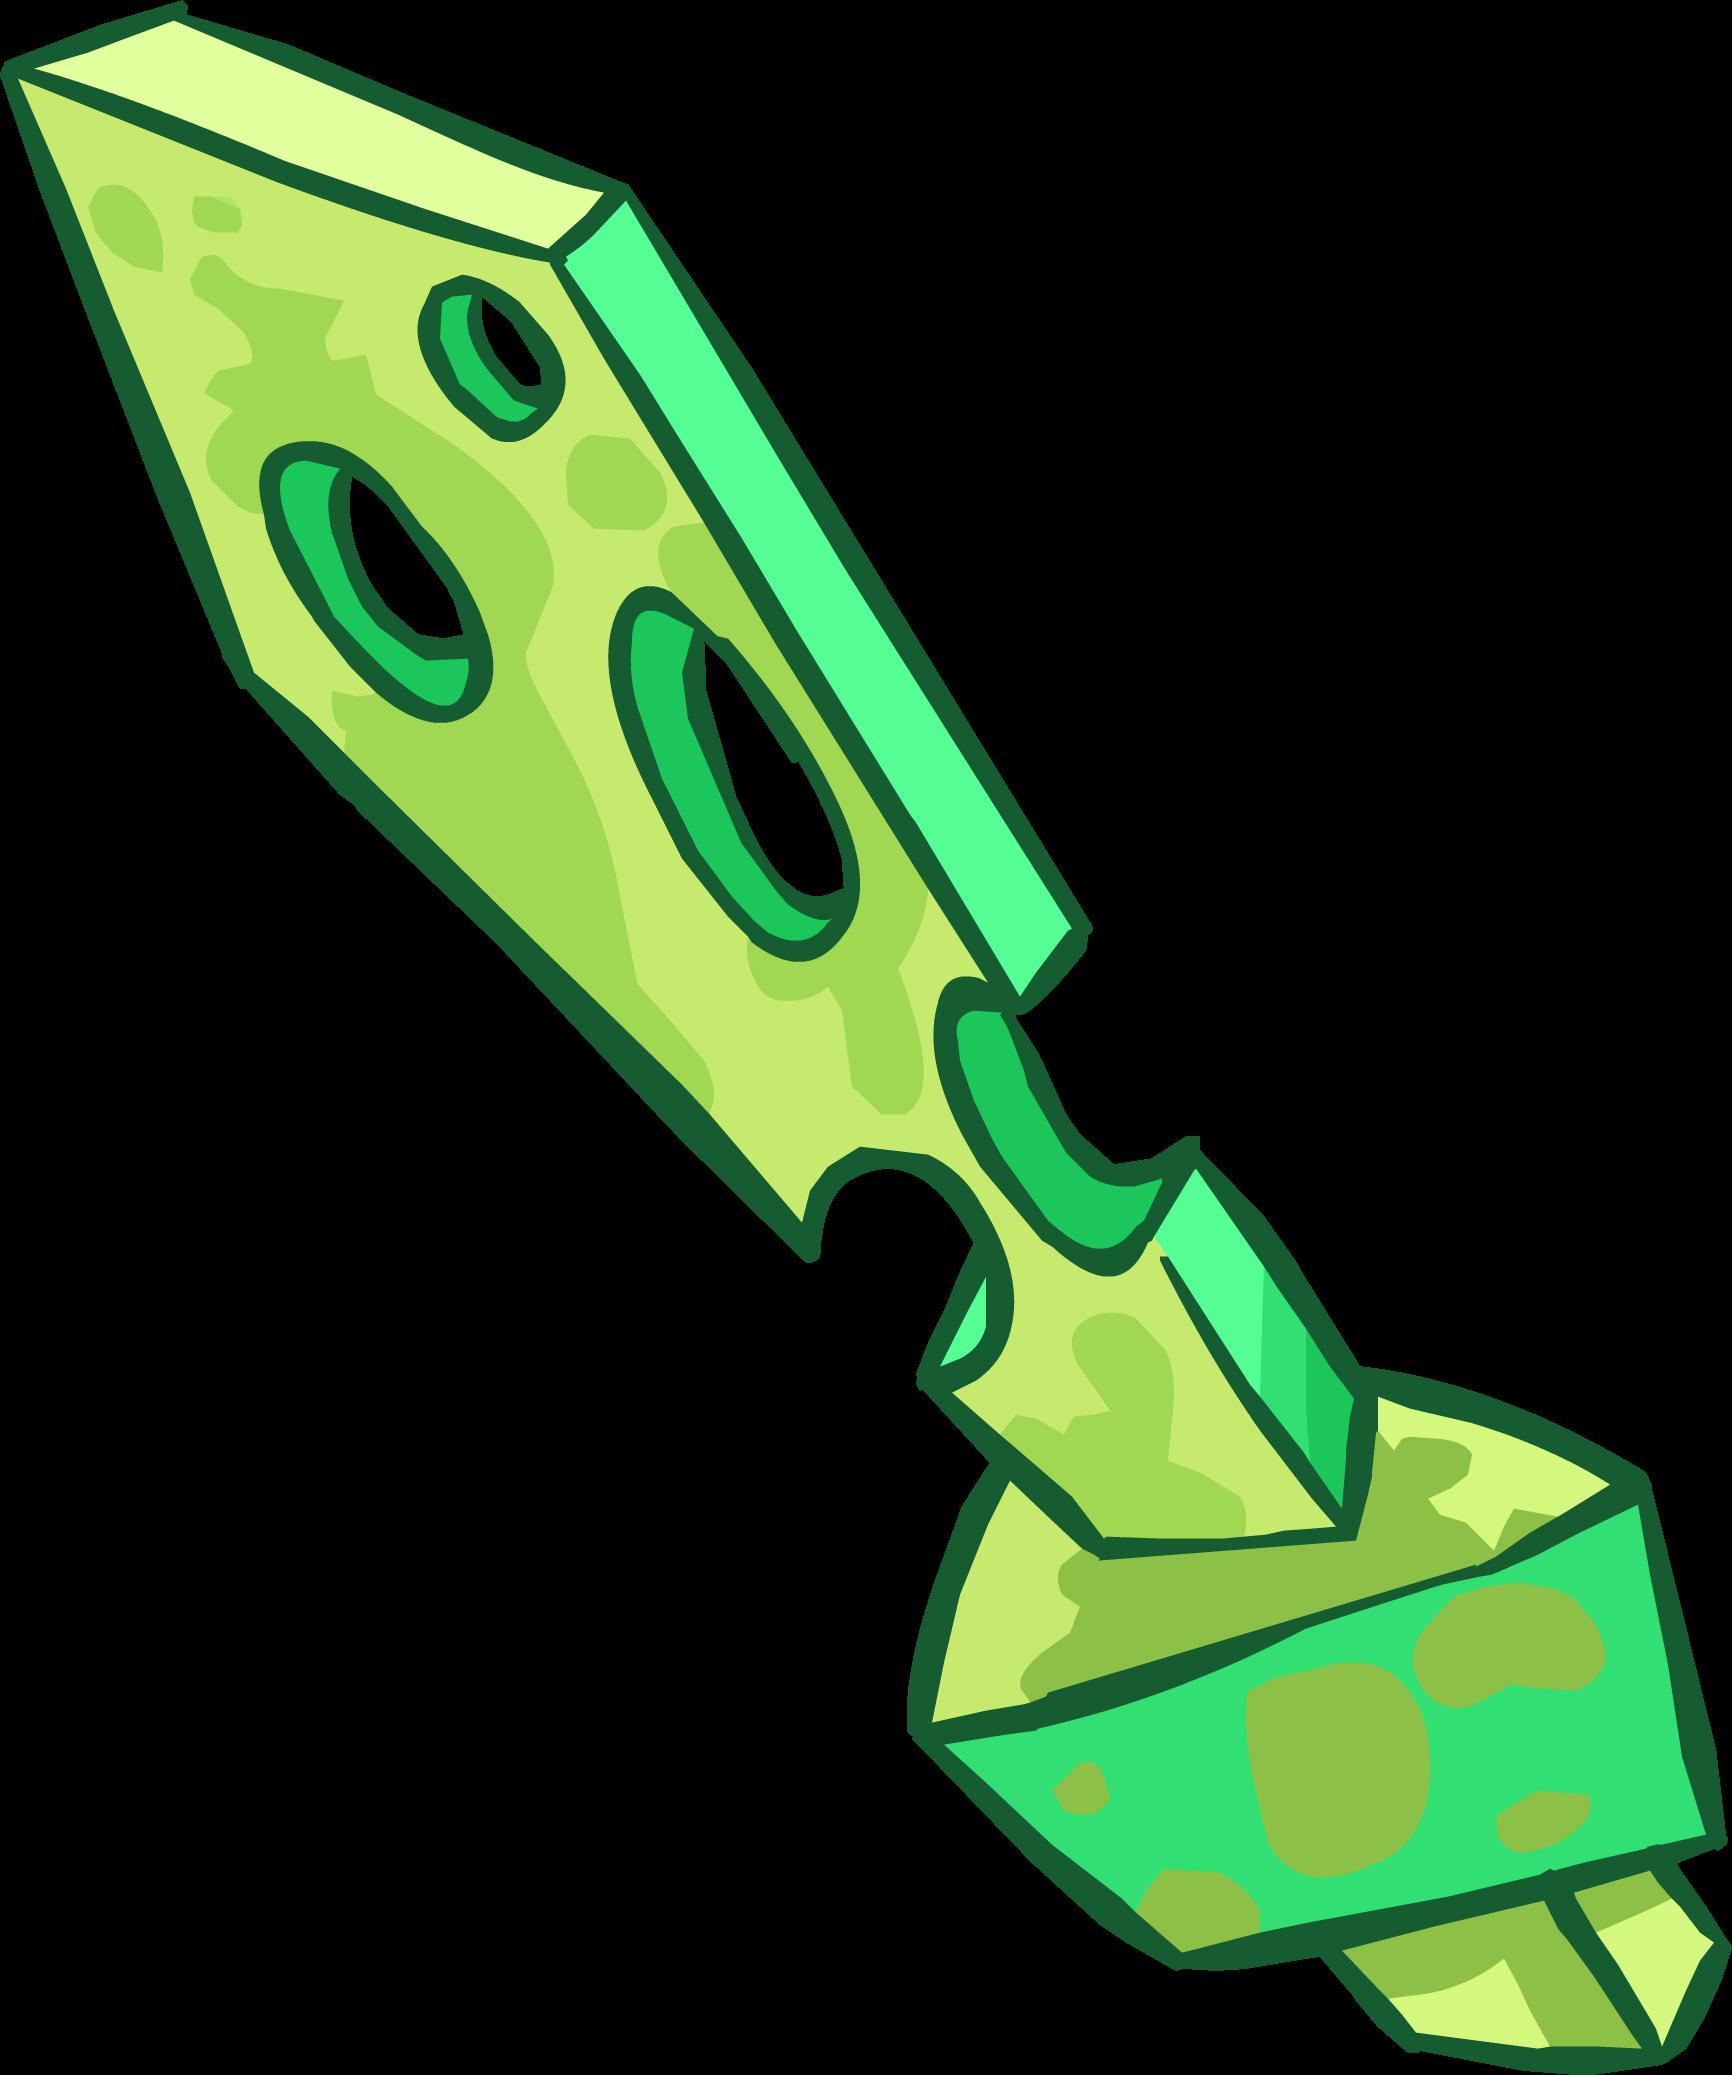 Stinky Cheese Sword | Club Penguin Wiki | FANDOM powered by Wikia